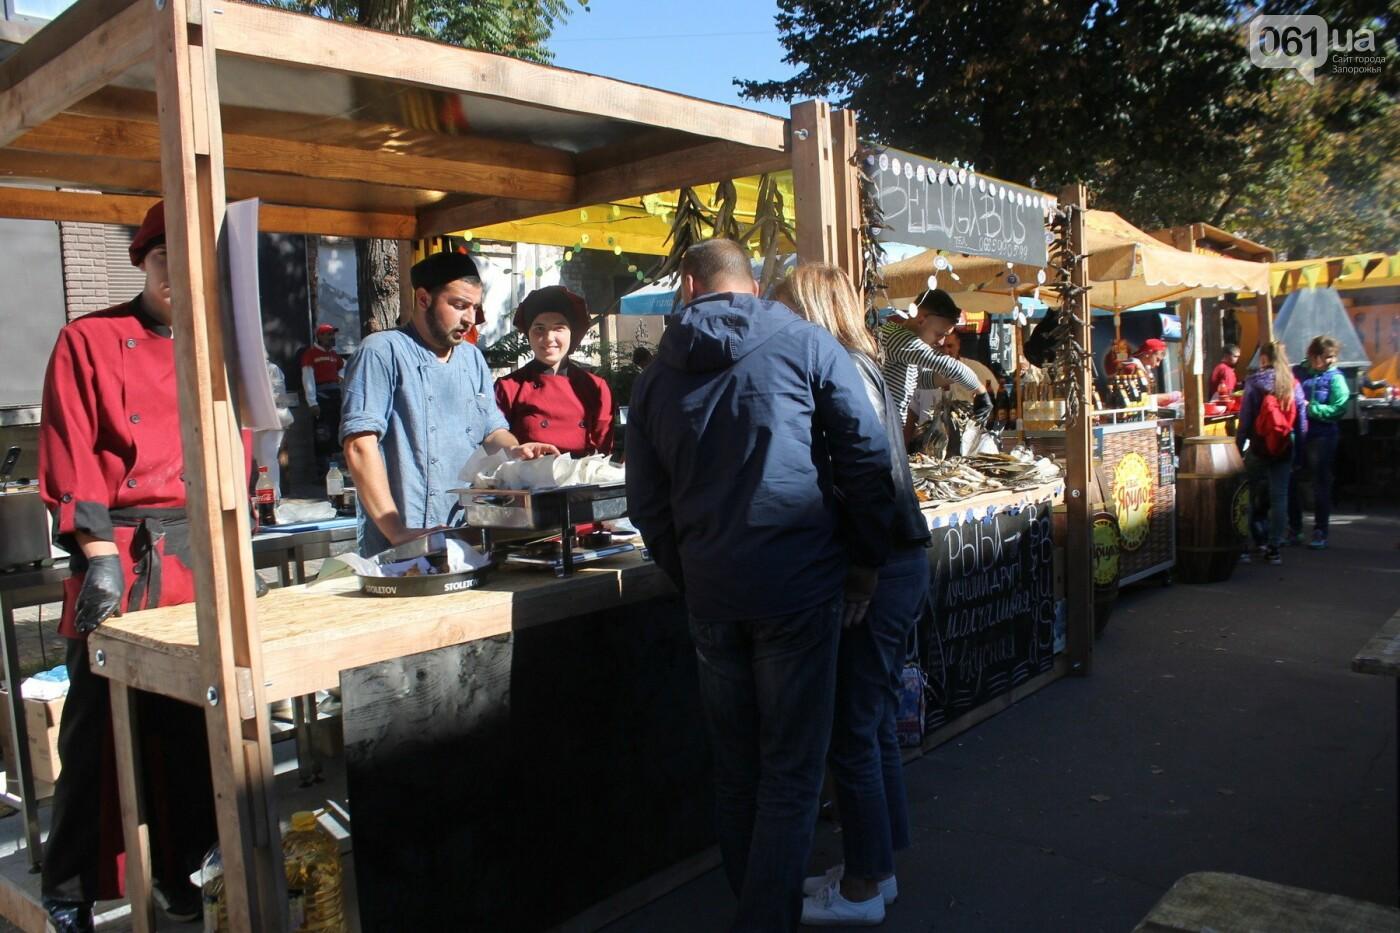 Как в Запорожье прошел пивной фестиваль «Beluga Beer fest», – ФОТОРЕПОРТАЖ, фото-34